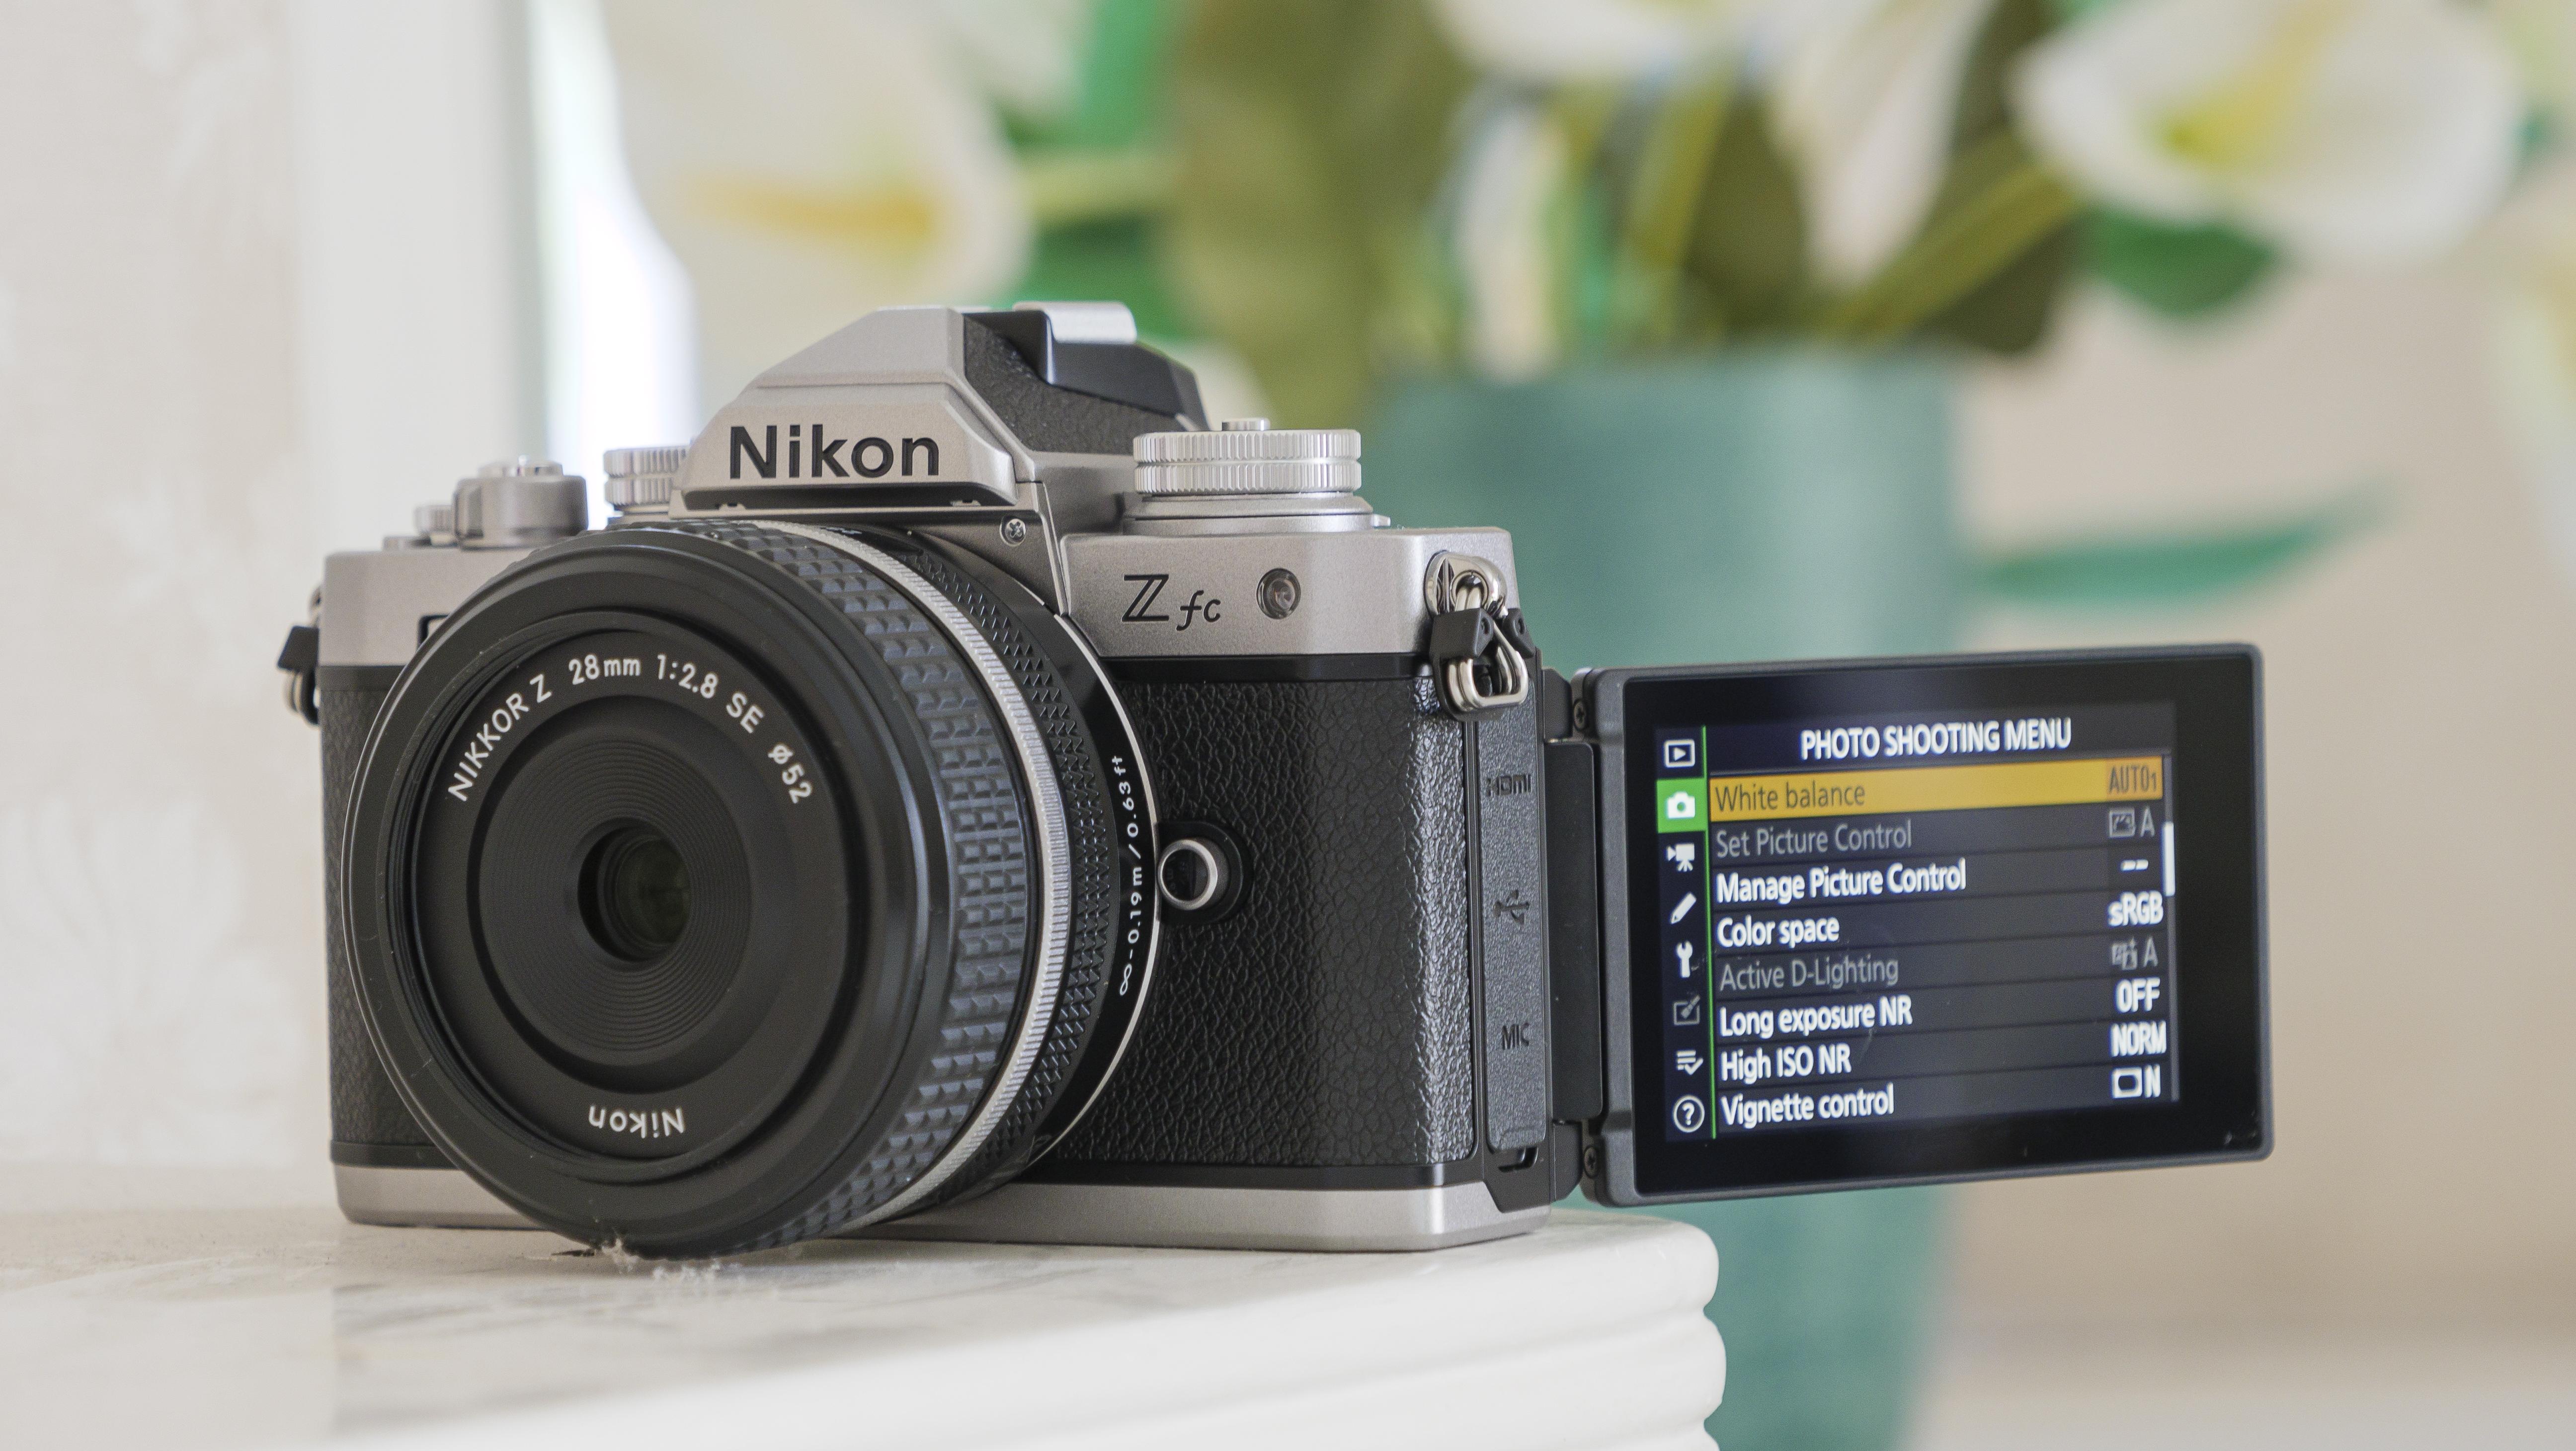 The Nikon Z fc camera on a shelf